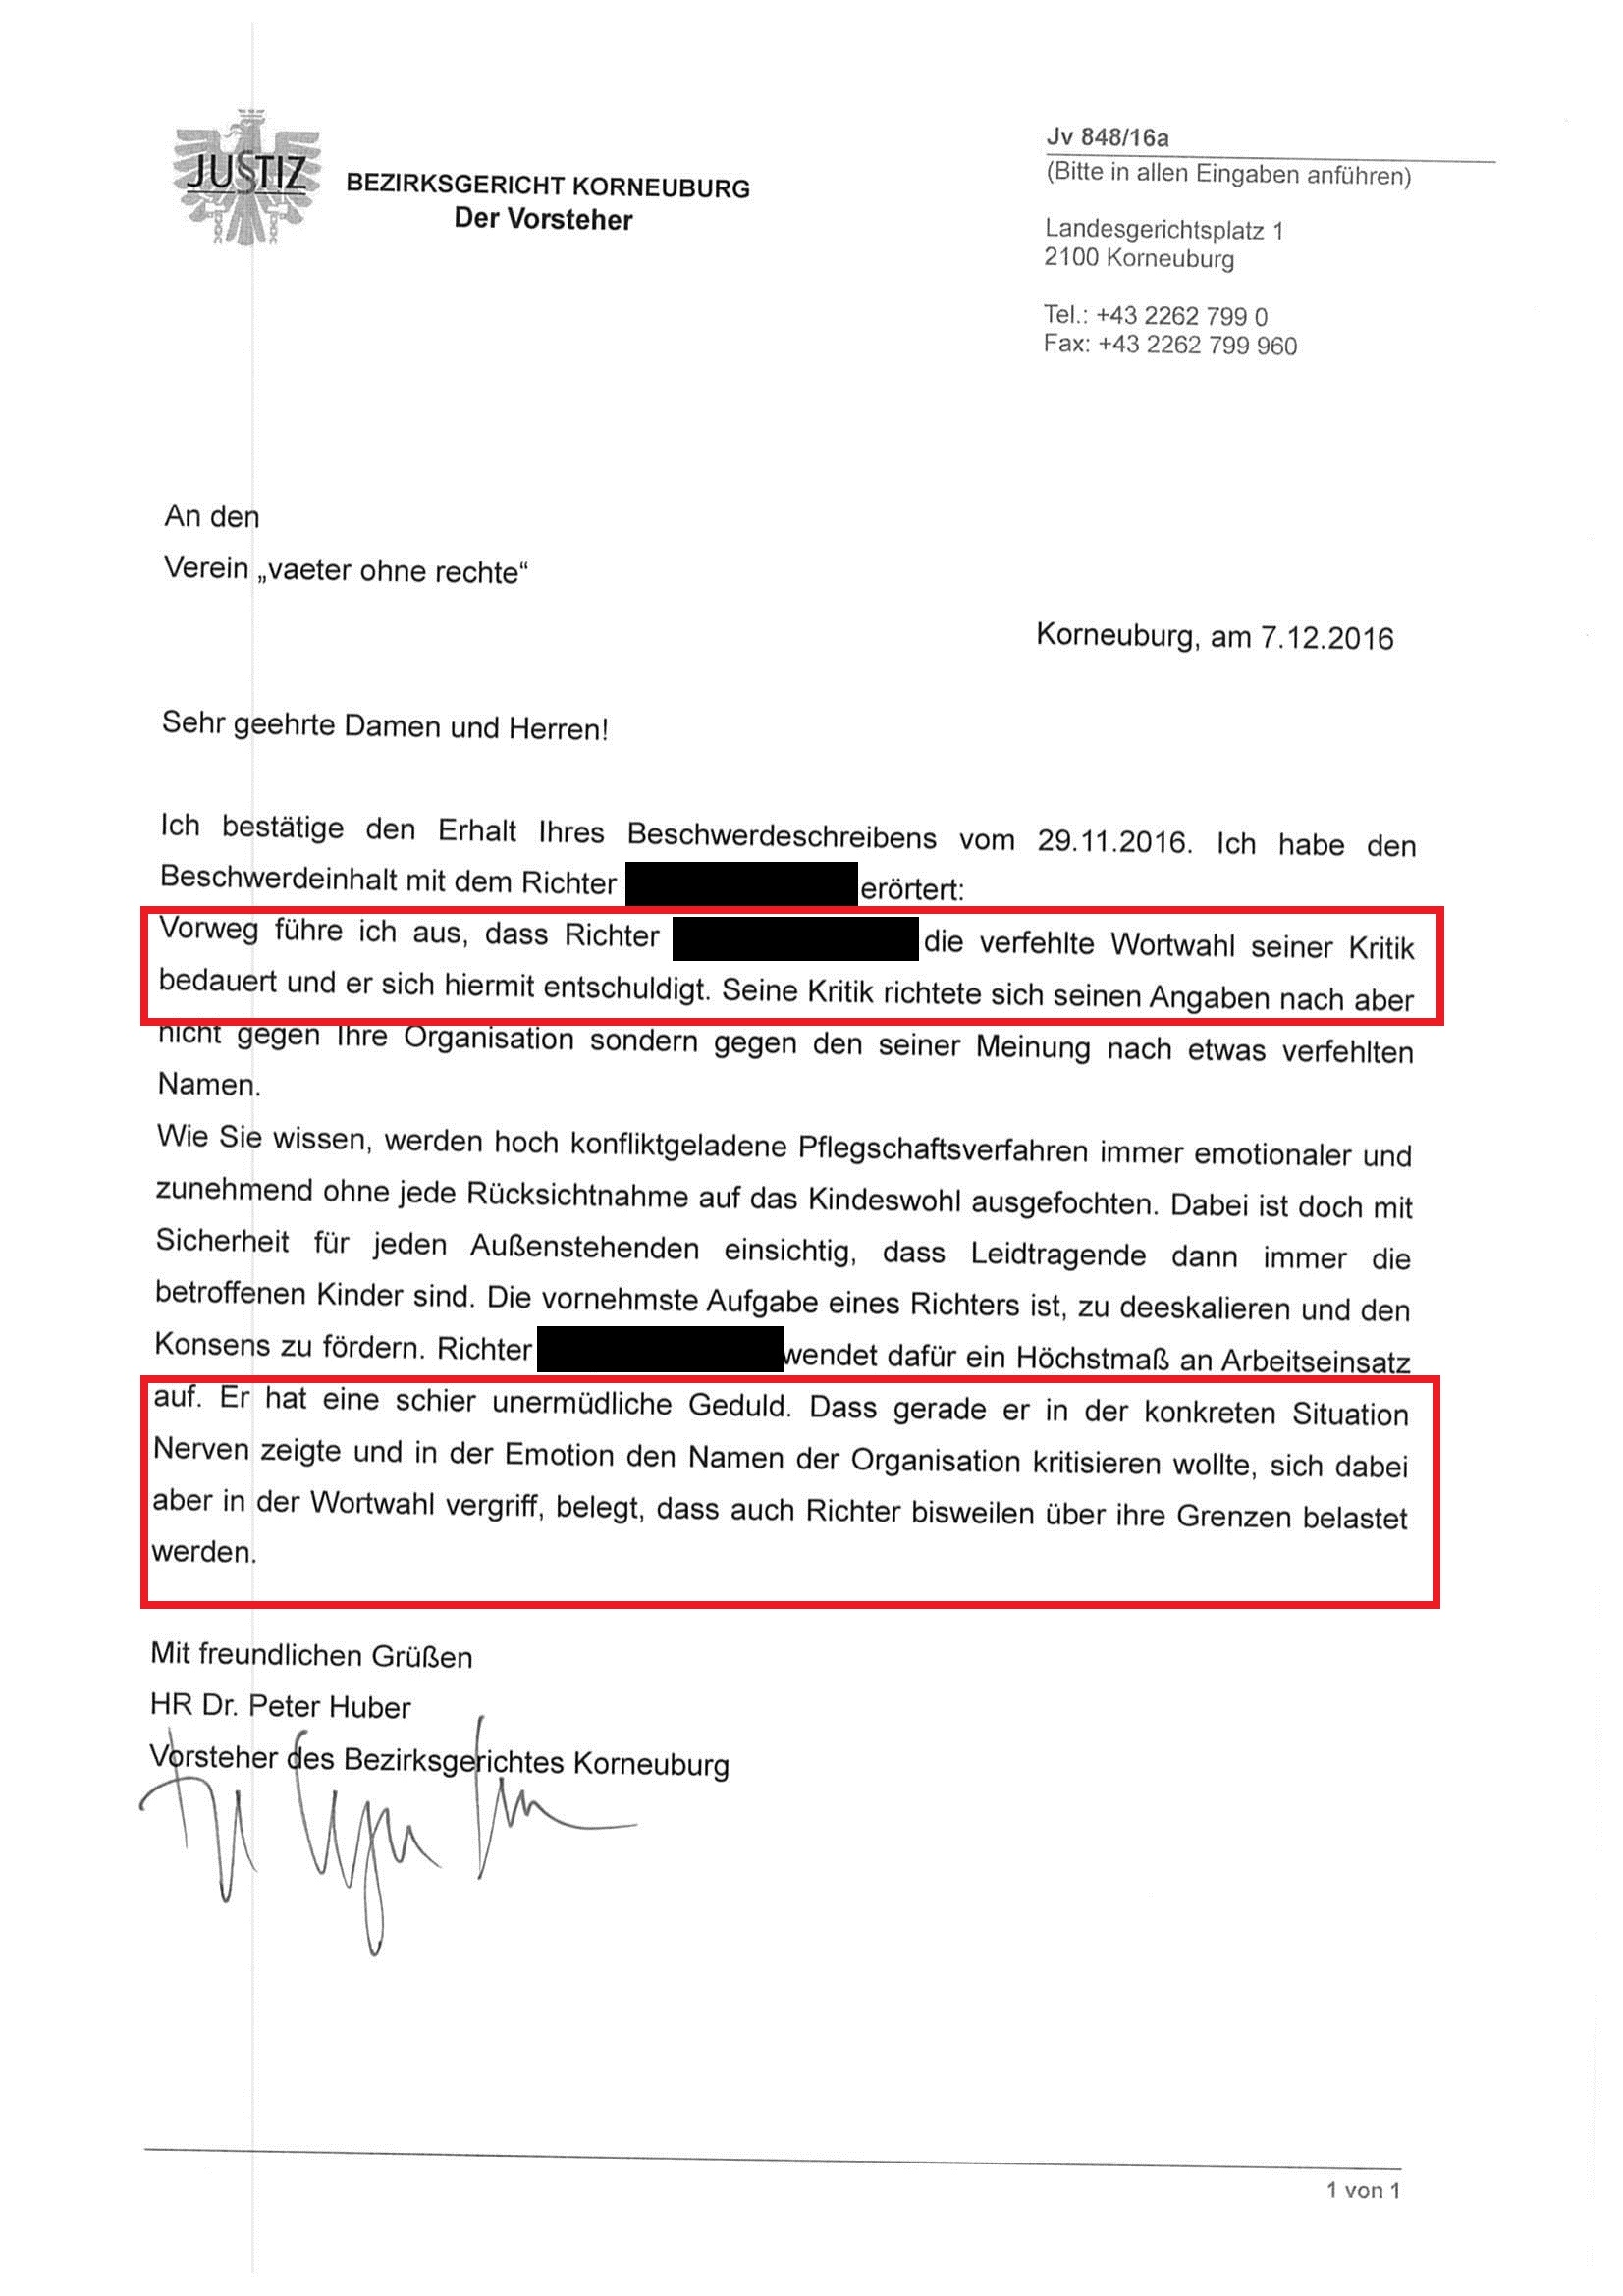 entschuldigung-und-stellungnahme-bezirksgericht-korneuburg